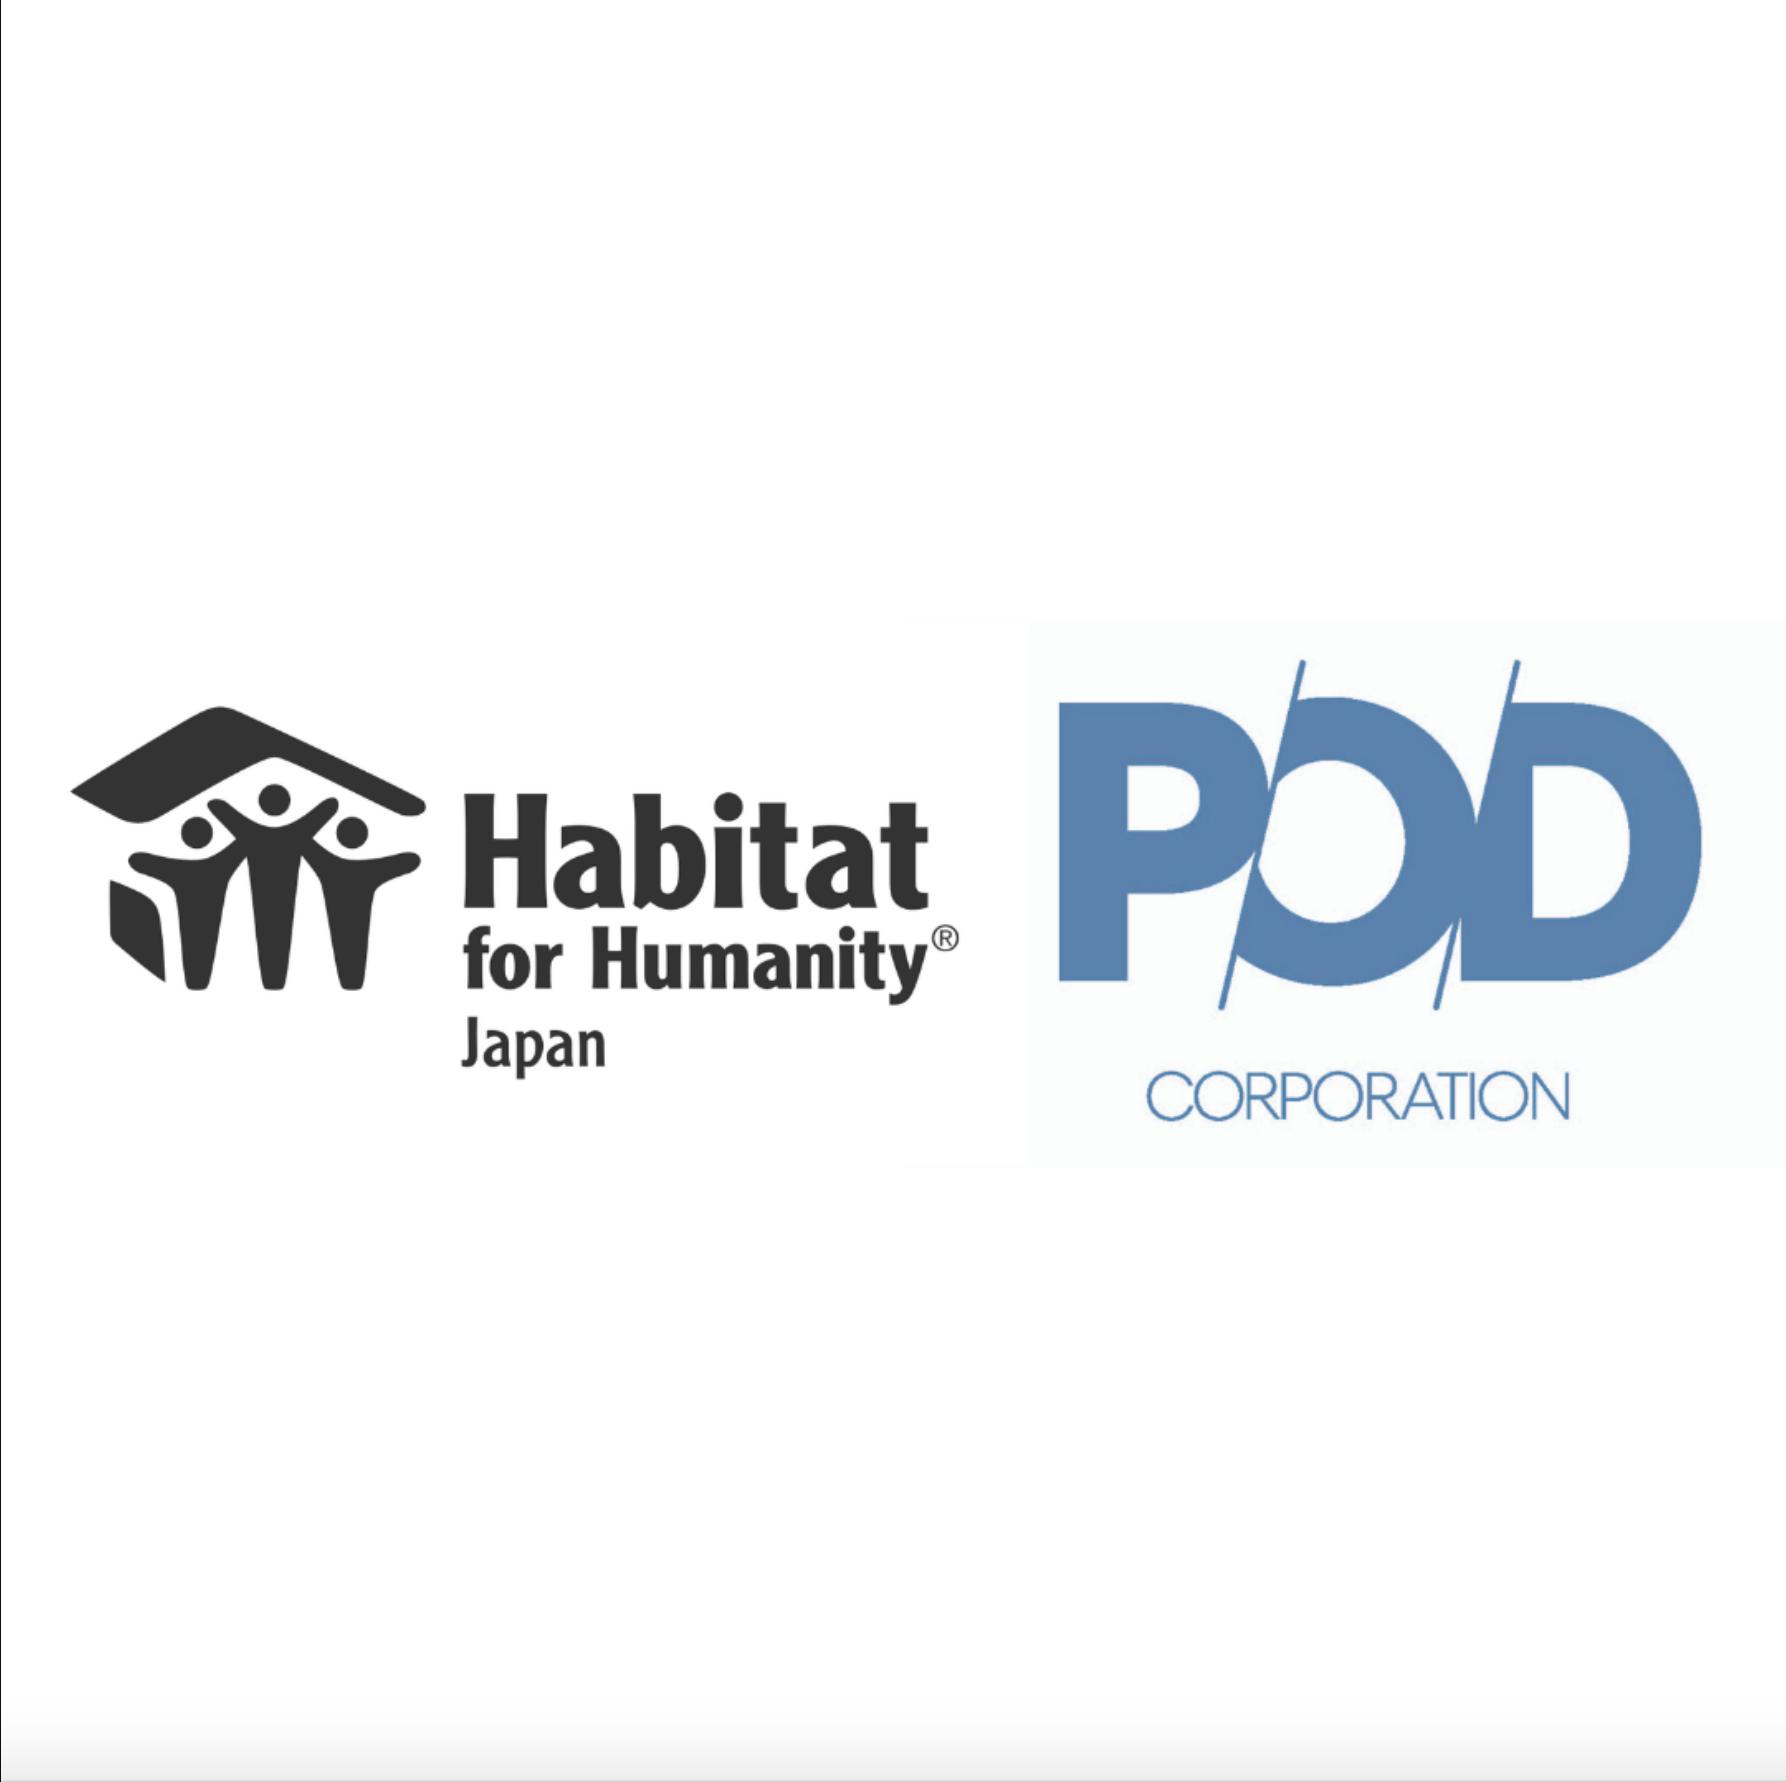 『ハビタット・フォー・ヒューマニティ・ジャパン x POD Corporation』